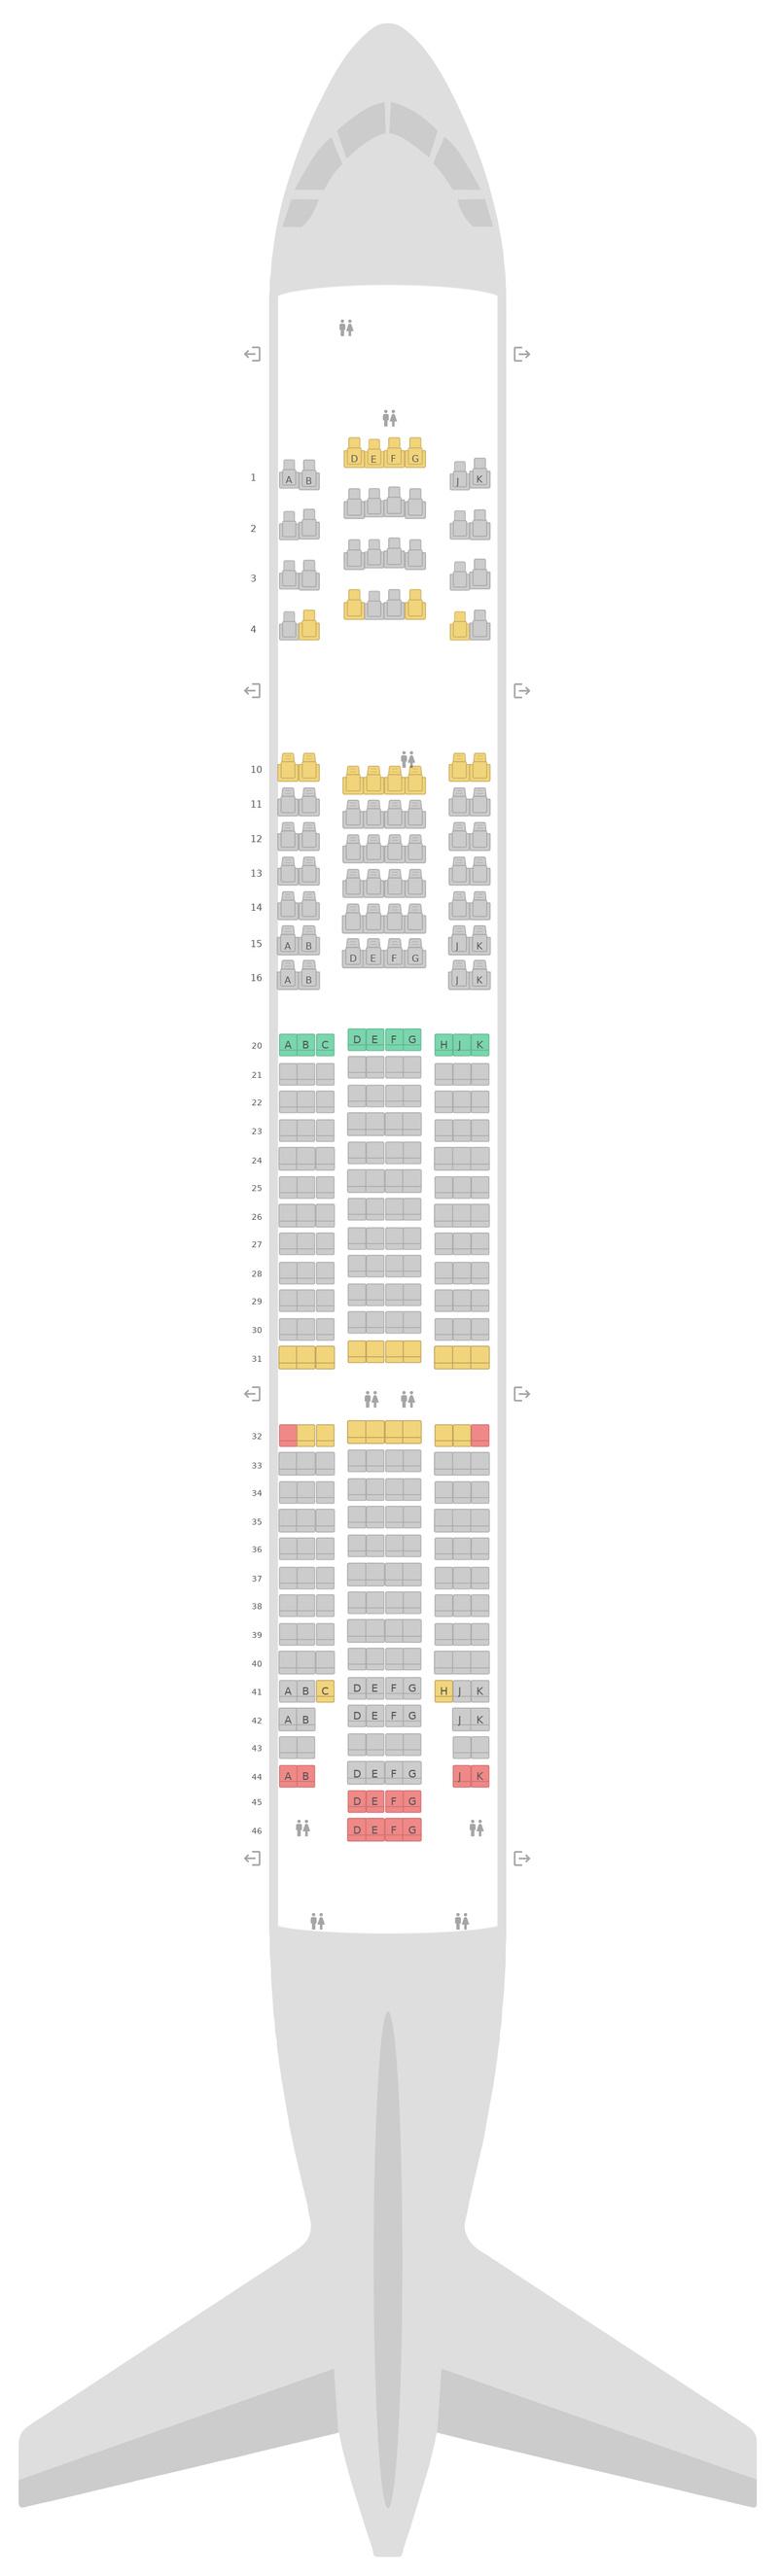 Схема салона Боинг 777-200 (777) 3 Class v5 Бритиш Эйрвейз